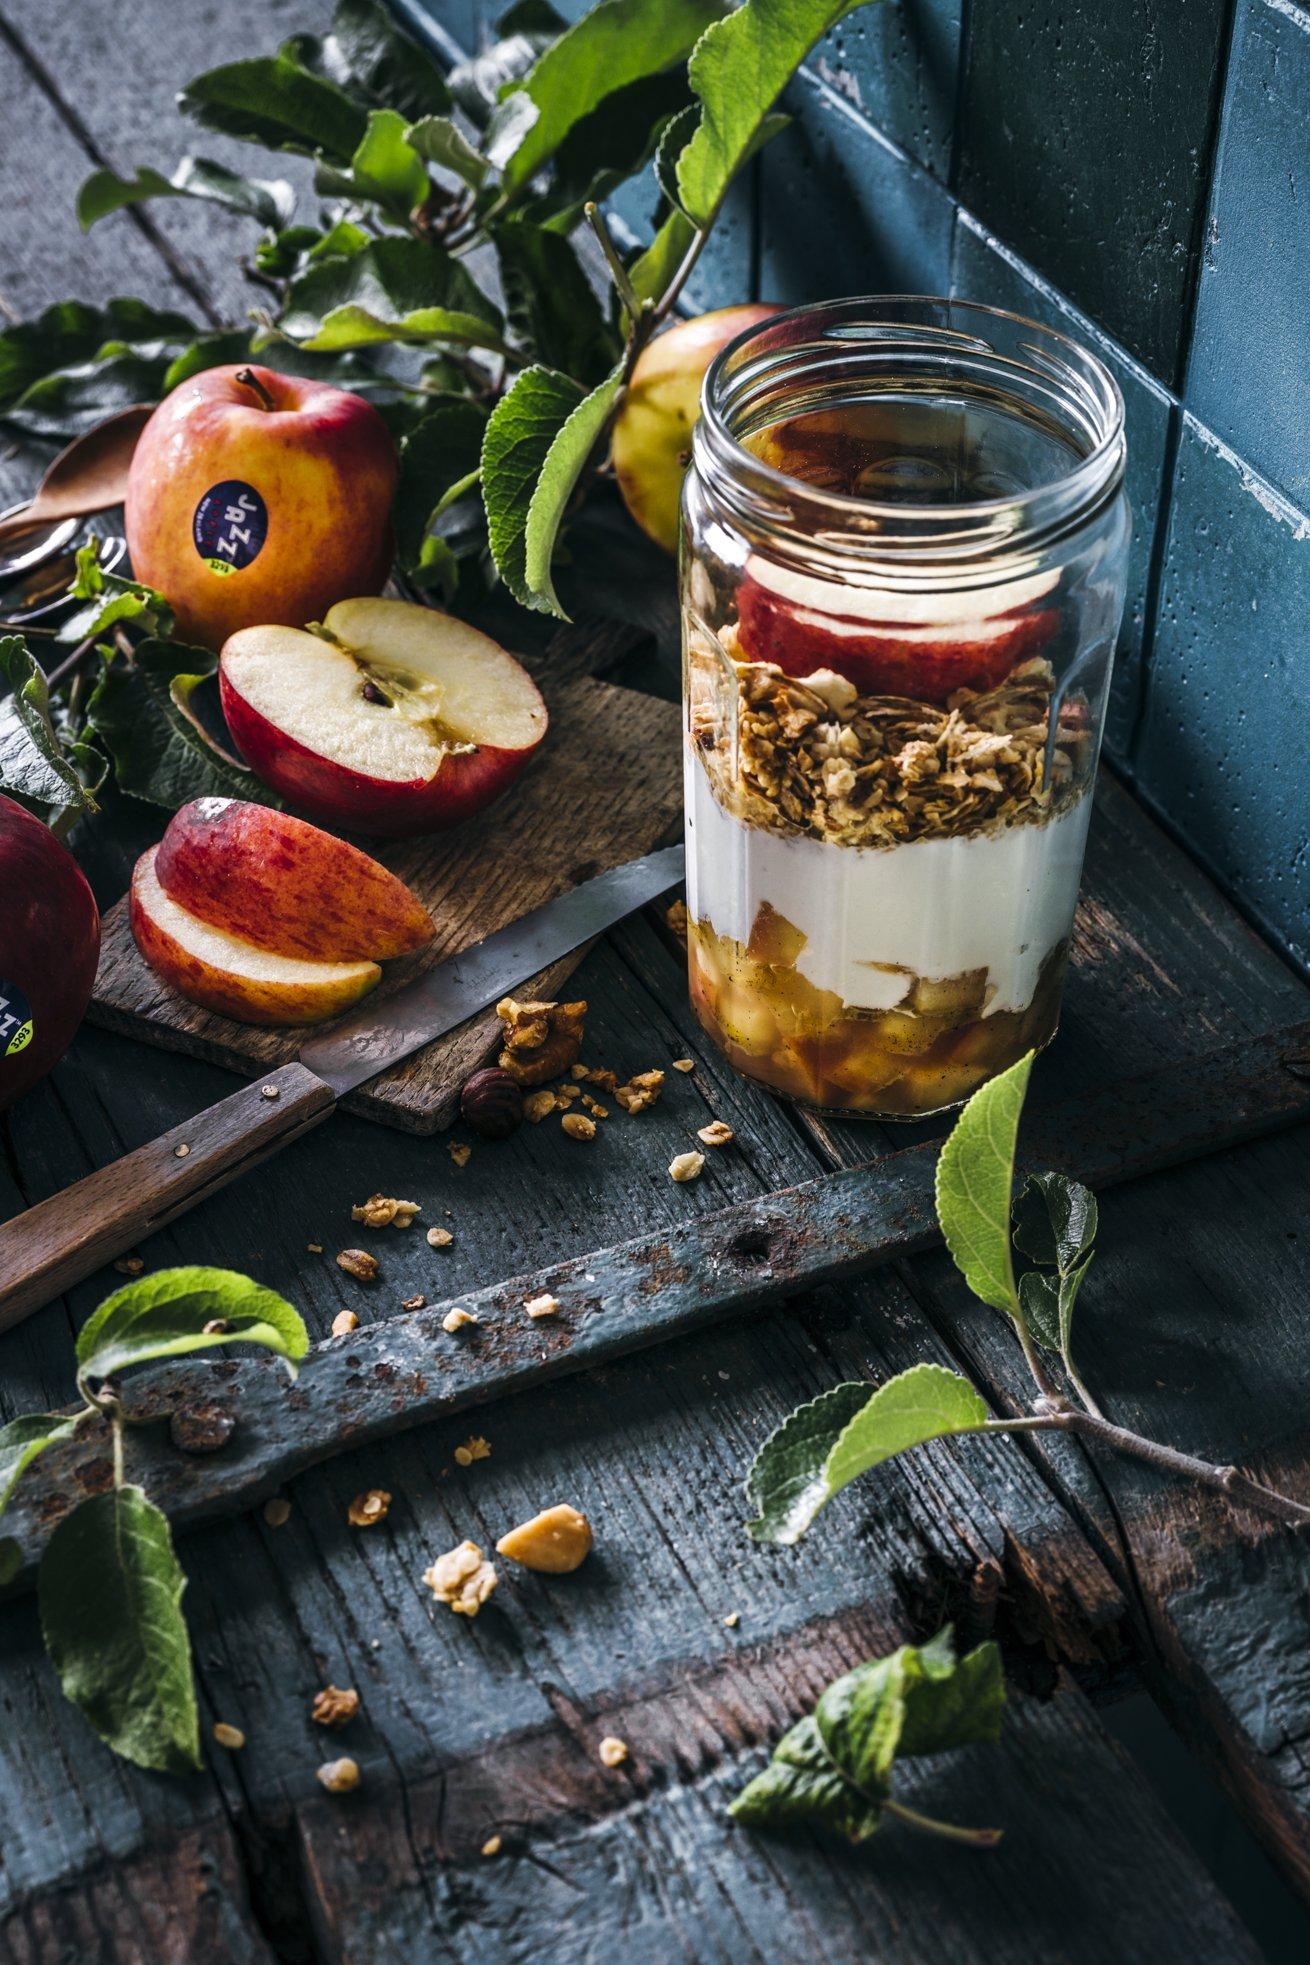 Meal Prep geeignet. Apfelkompott mit Zimt, Joghurt und Honig Granola. Perfekter Snack!